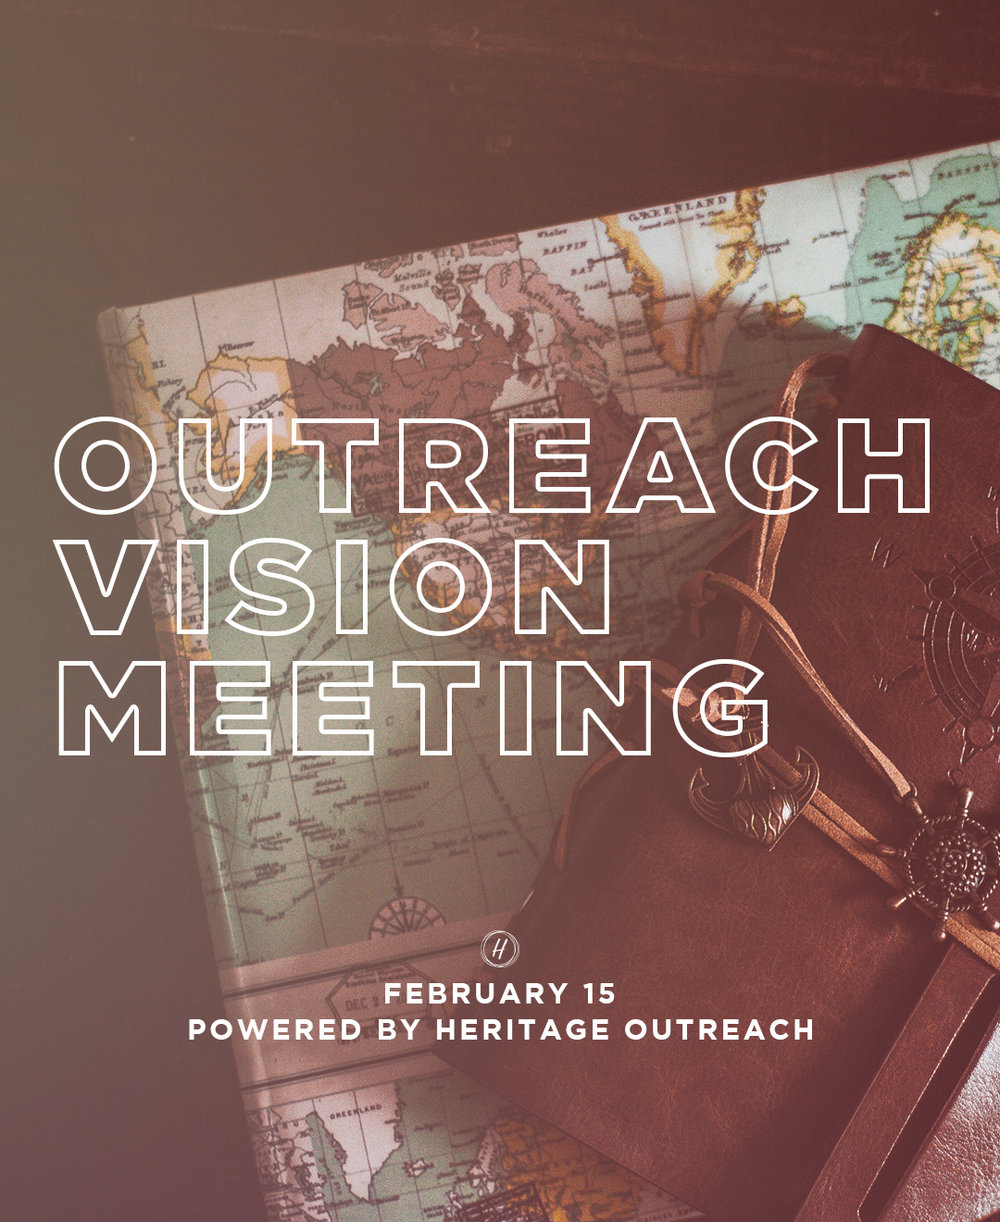 Outreach Vision Meeting Insta2_2018.jpg